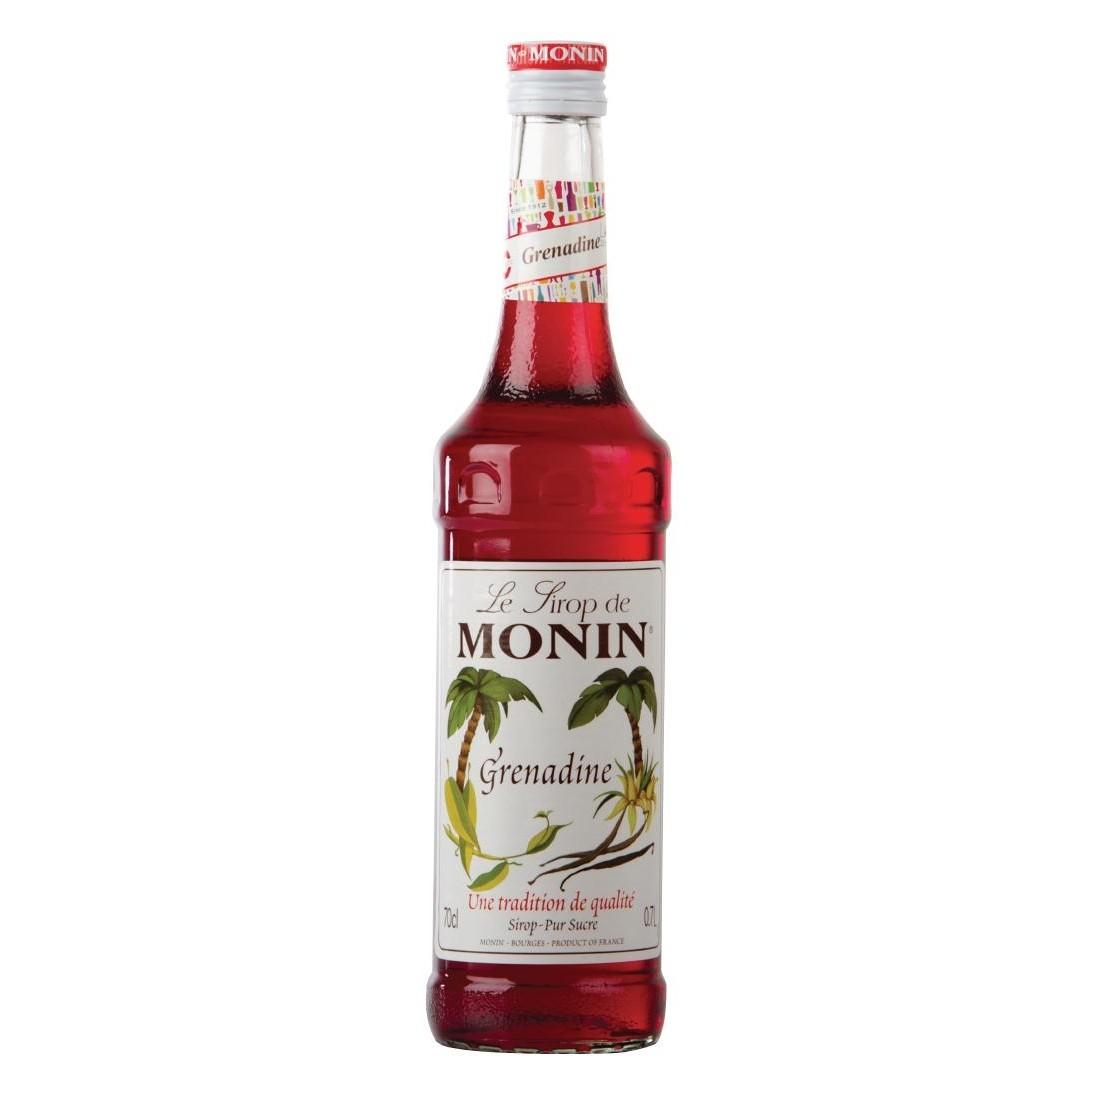 Grenadine Monin Cocktail Syrup 70cl Bottle